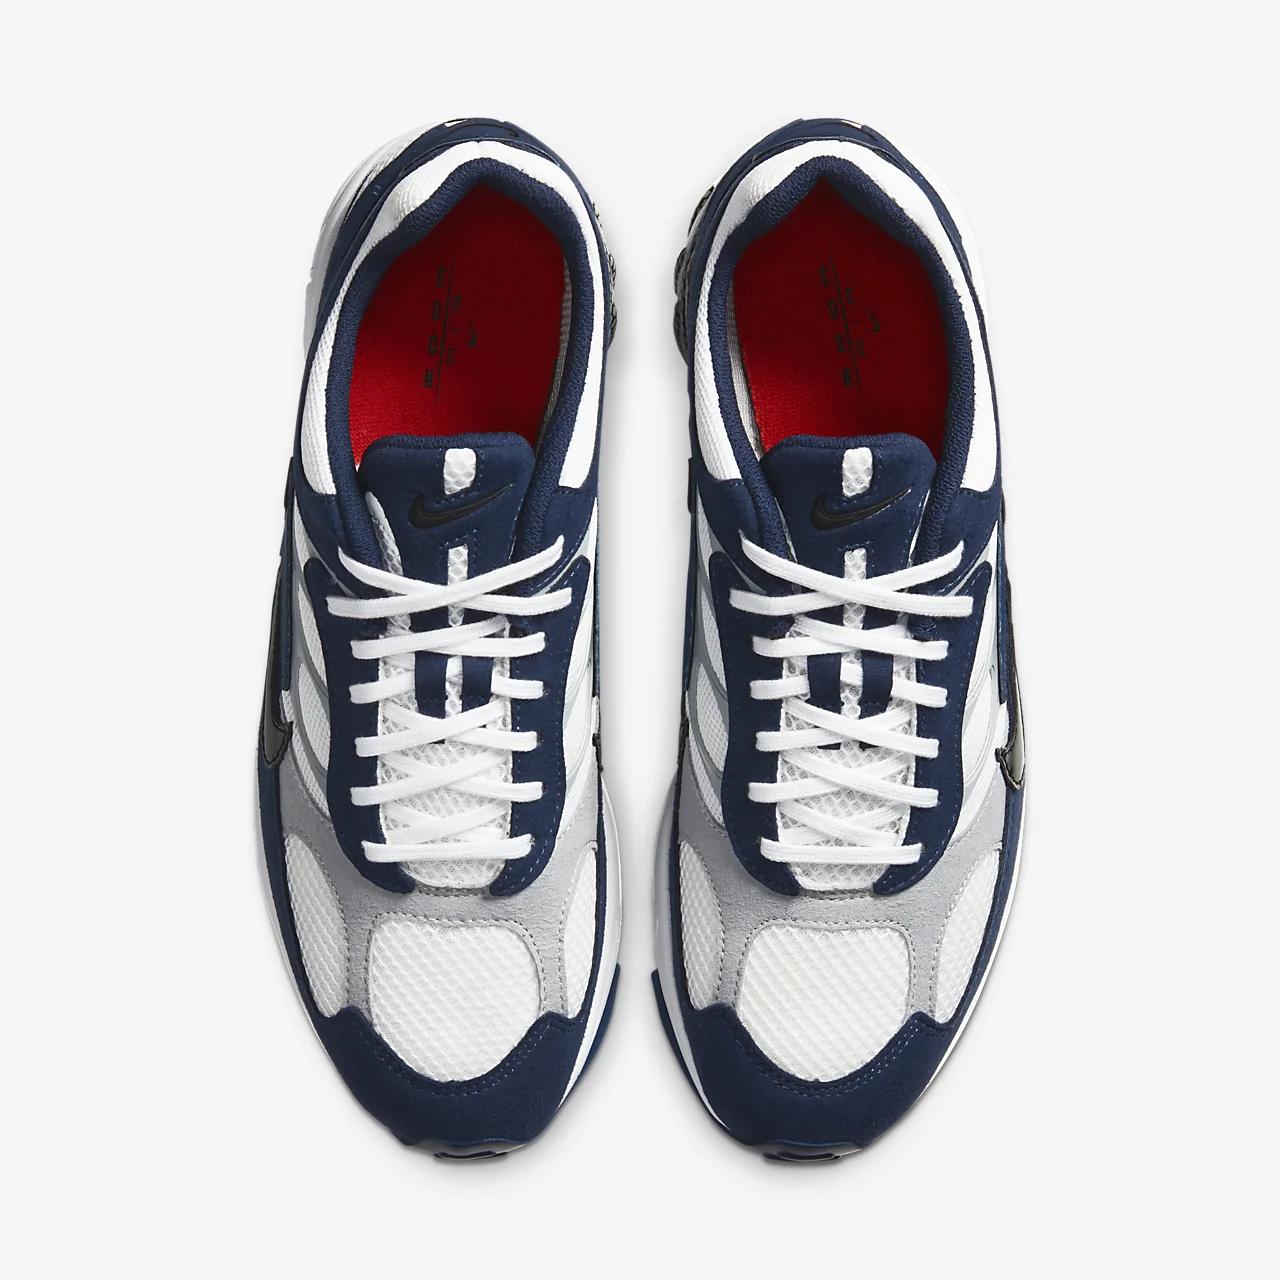 나이키 에어 고스트 레이서 남성 신발 AT5410-400